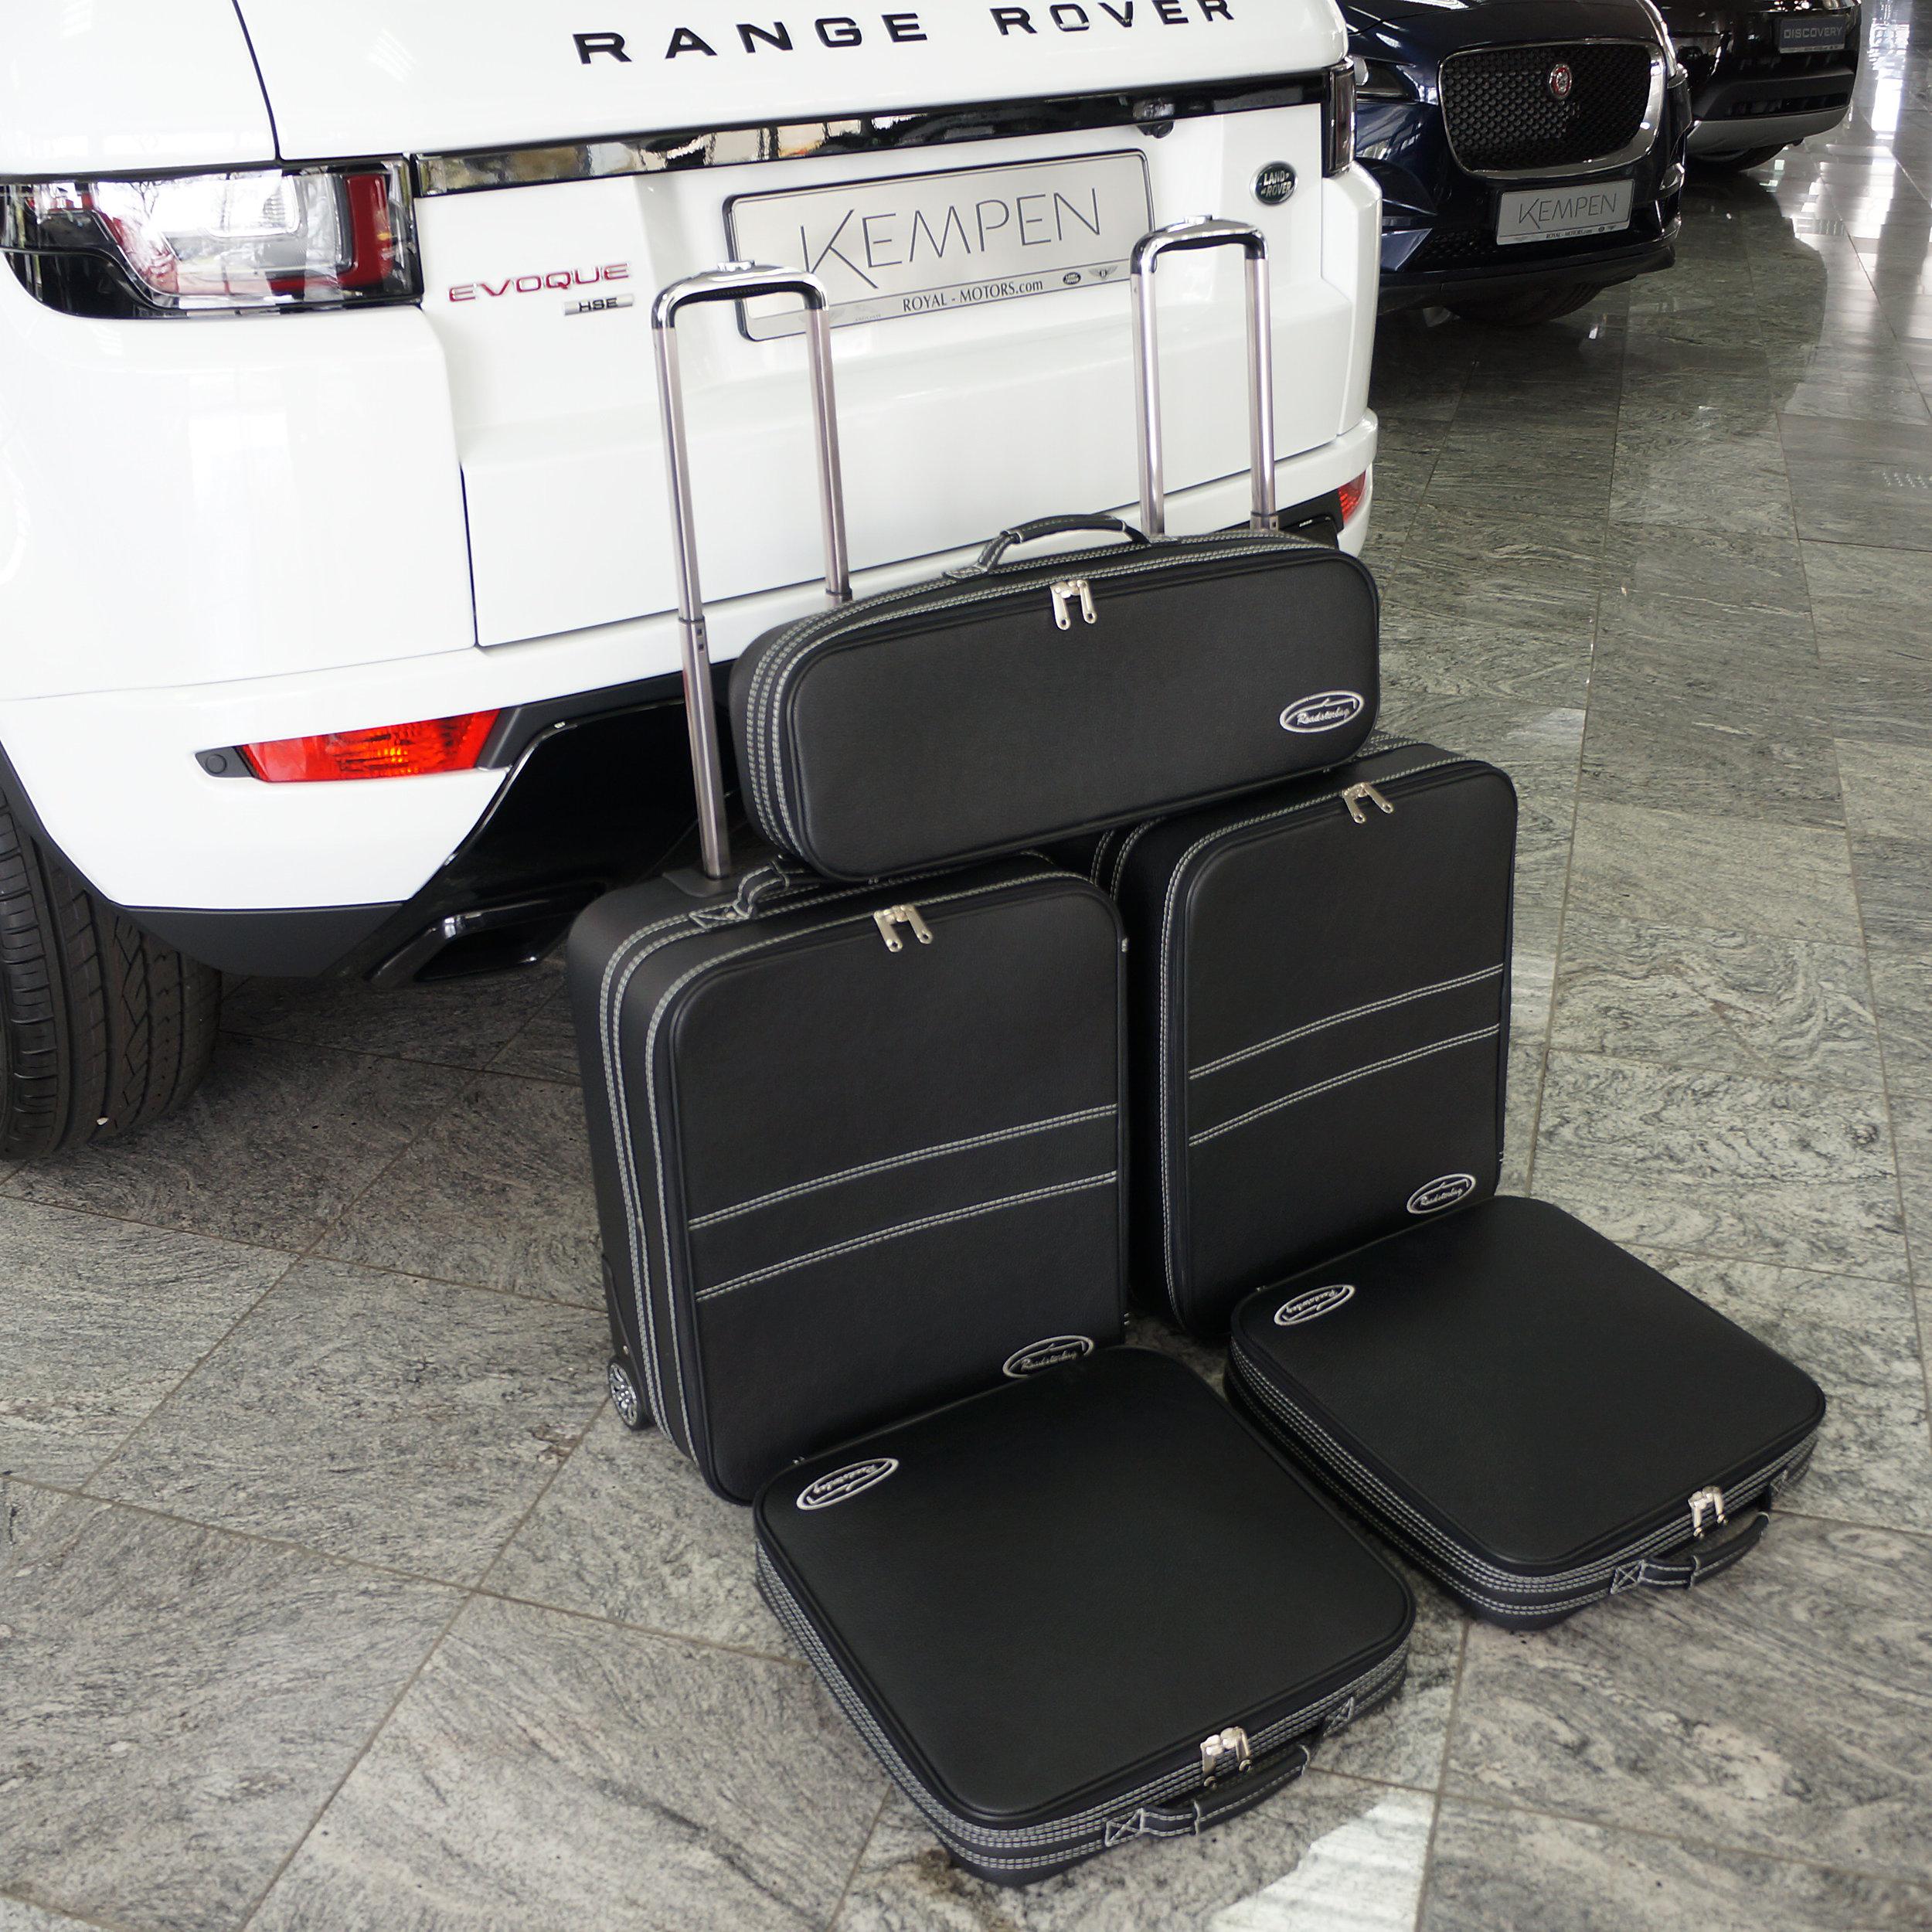 5-tlg. Kofferset mit 2 Rollen Range Rover Evoque XXL